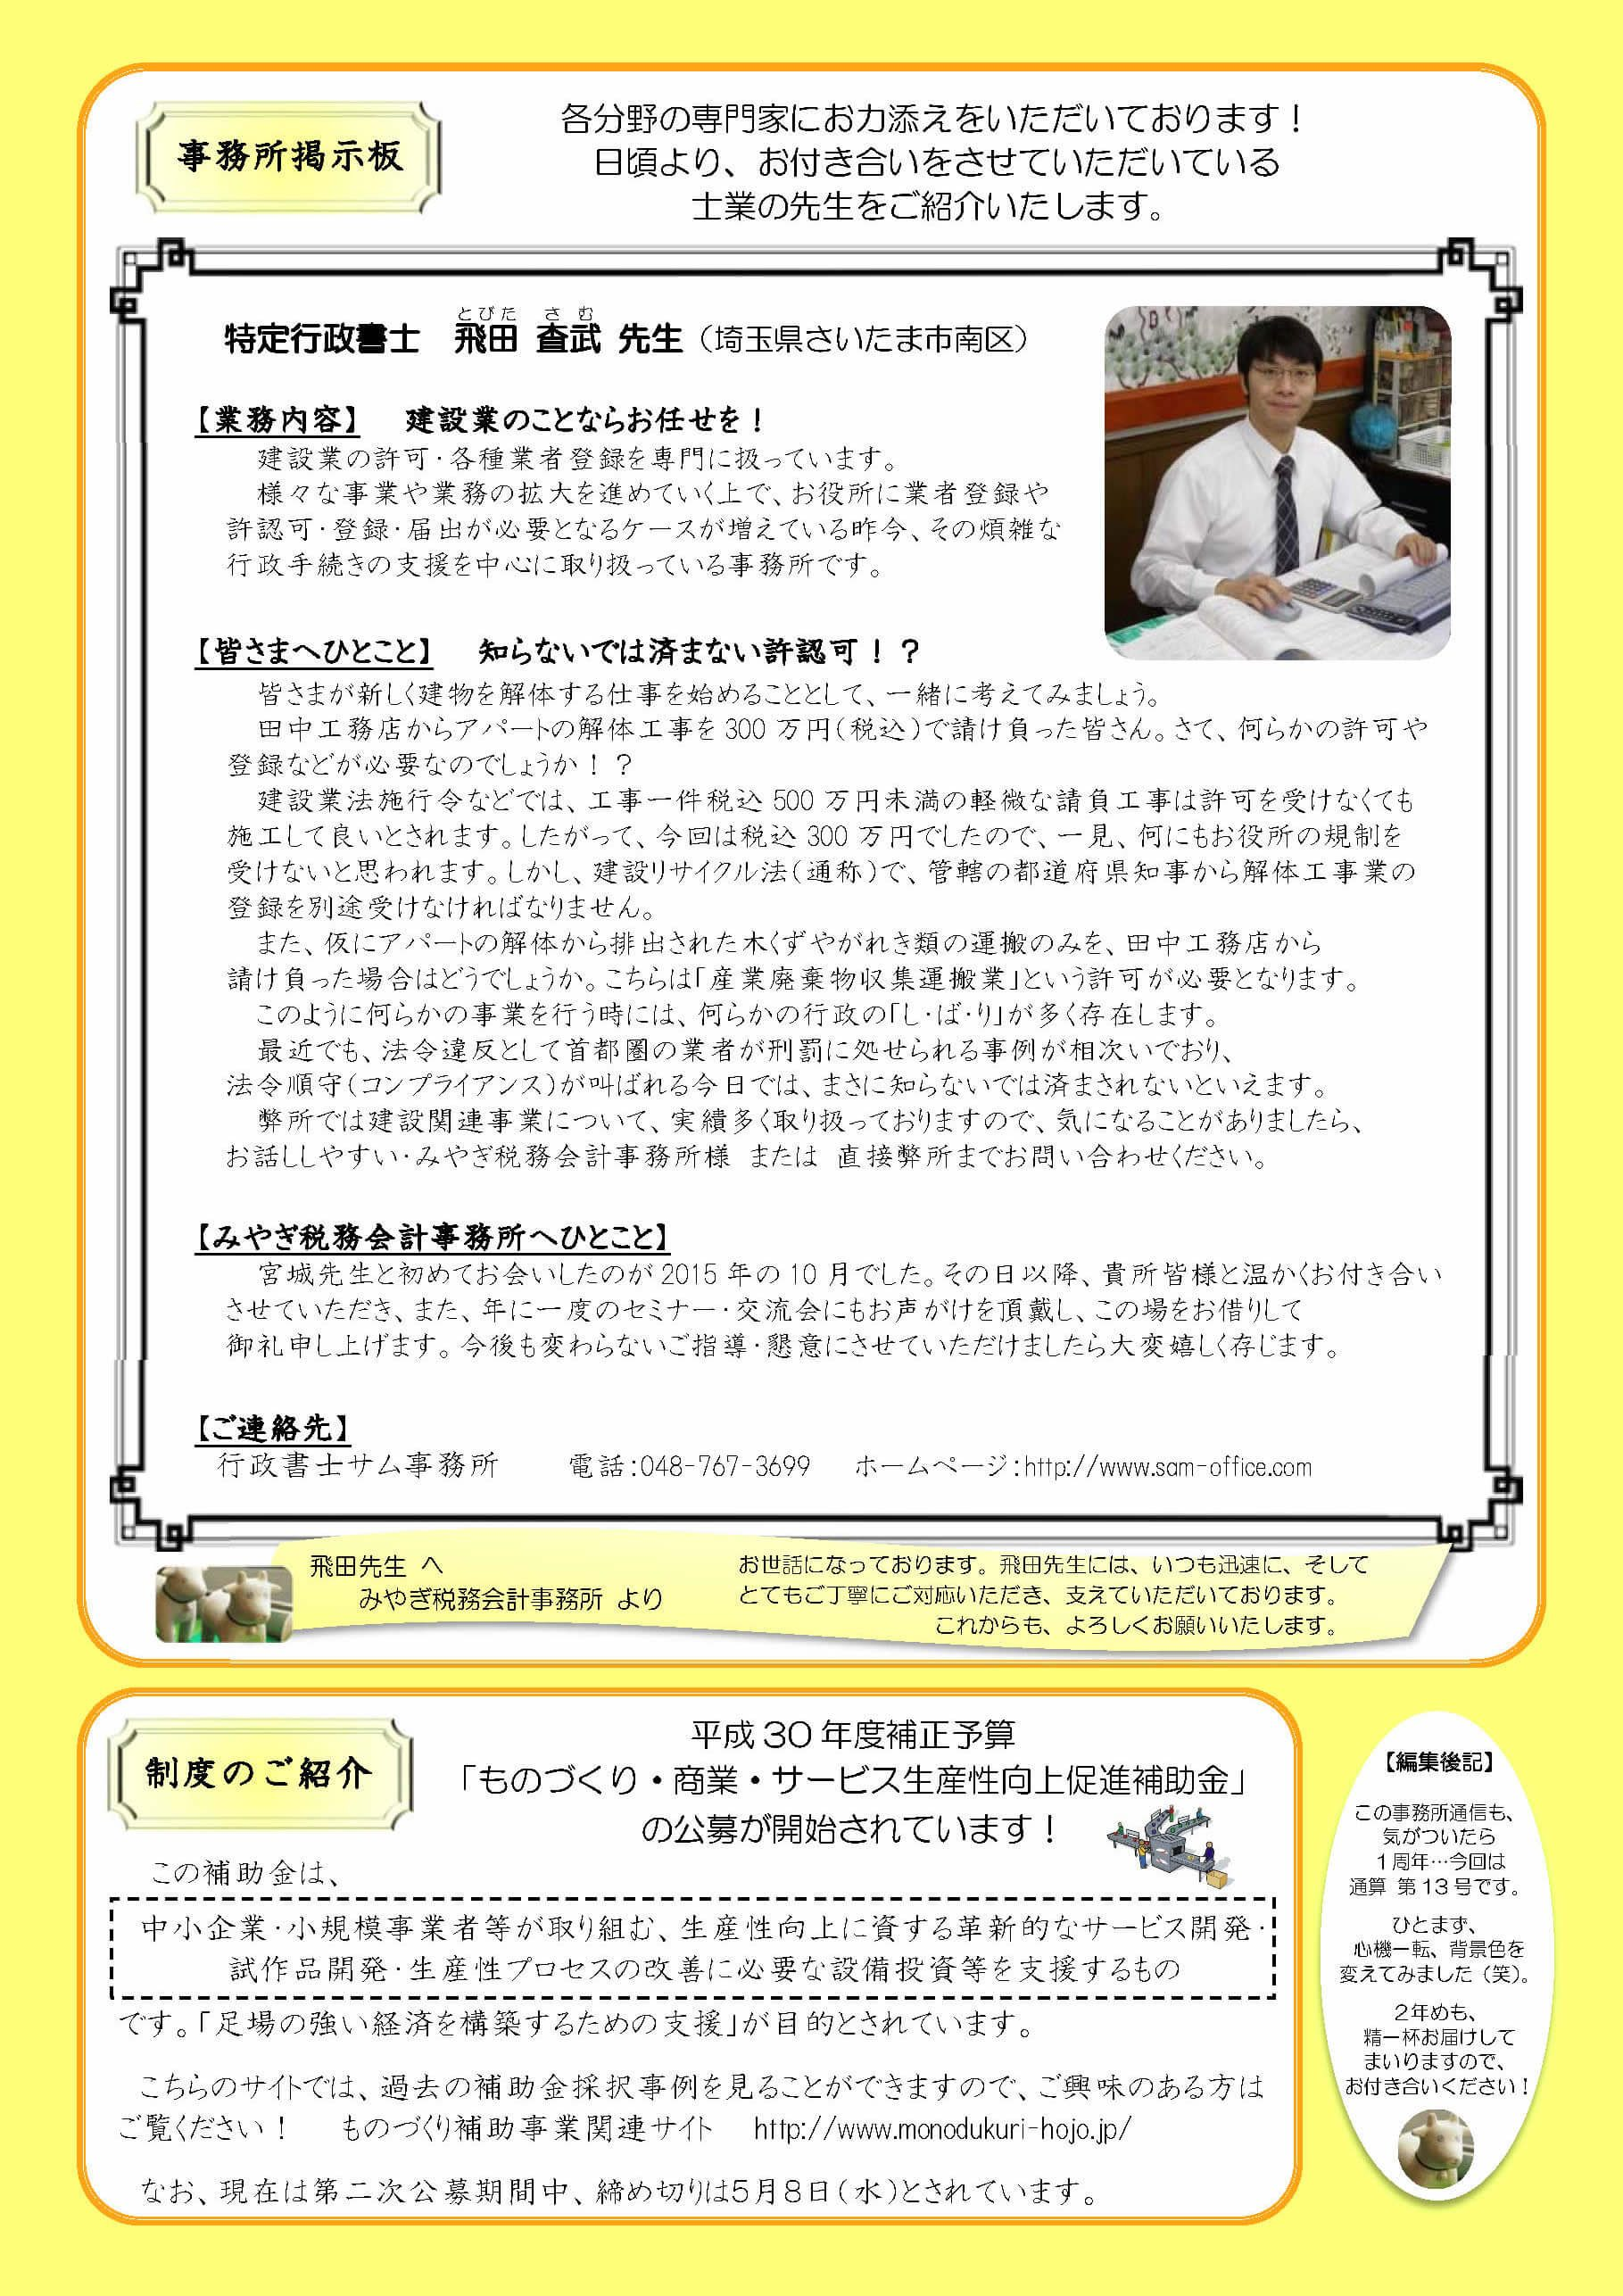 みやぎ税務会計事務所 みやぎ税務会計事務所通信(第13号)